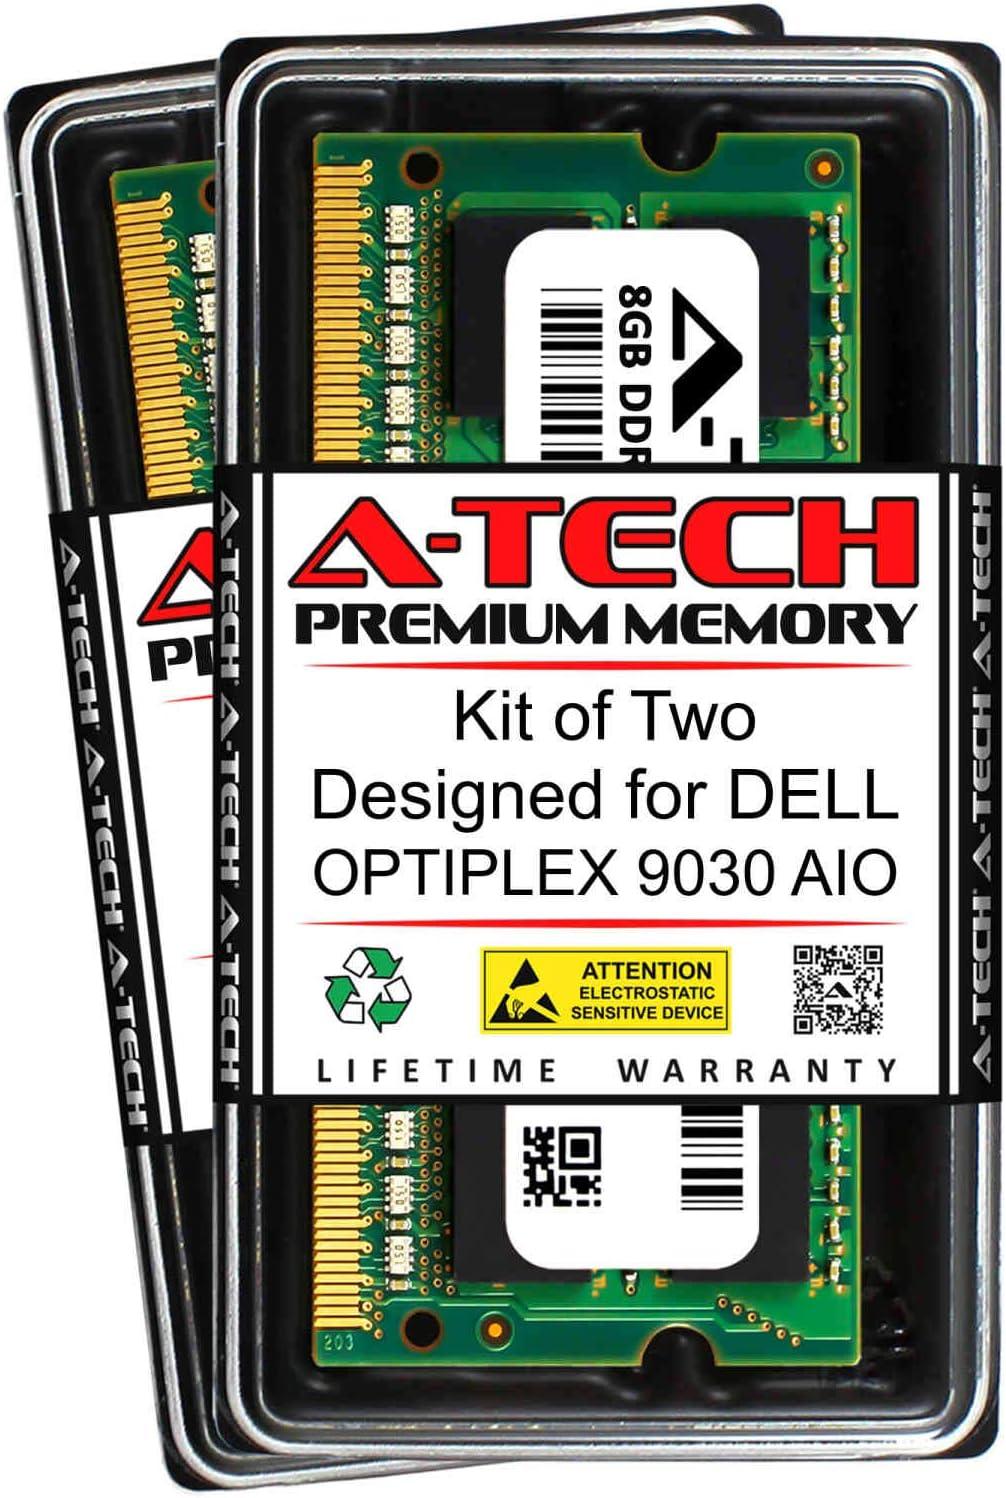 RAM for DELL OPTIPLEX 9030 AIO A-Tech 16GB DDR3 1600MHz SODIMM PC3-12800 204-Pin Non-ECC Memory Upgrade Kit 2 x 8GB